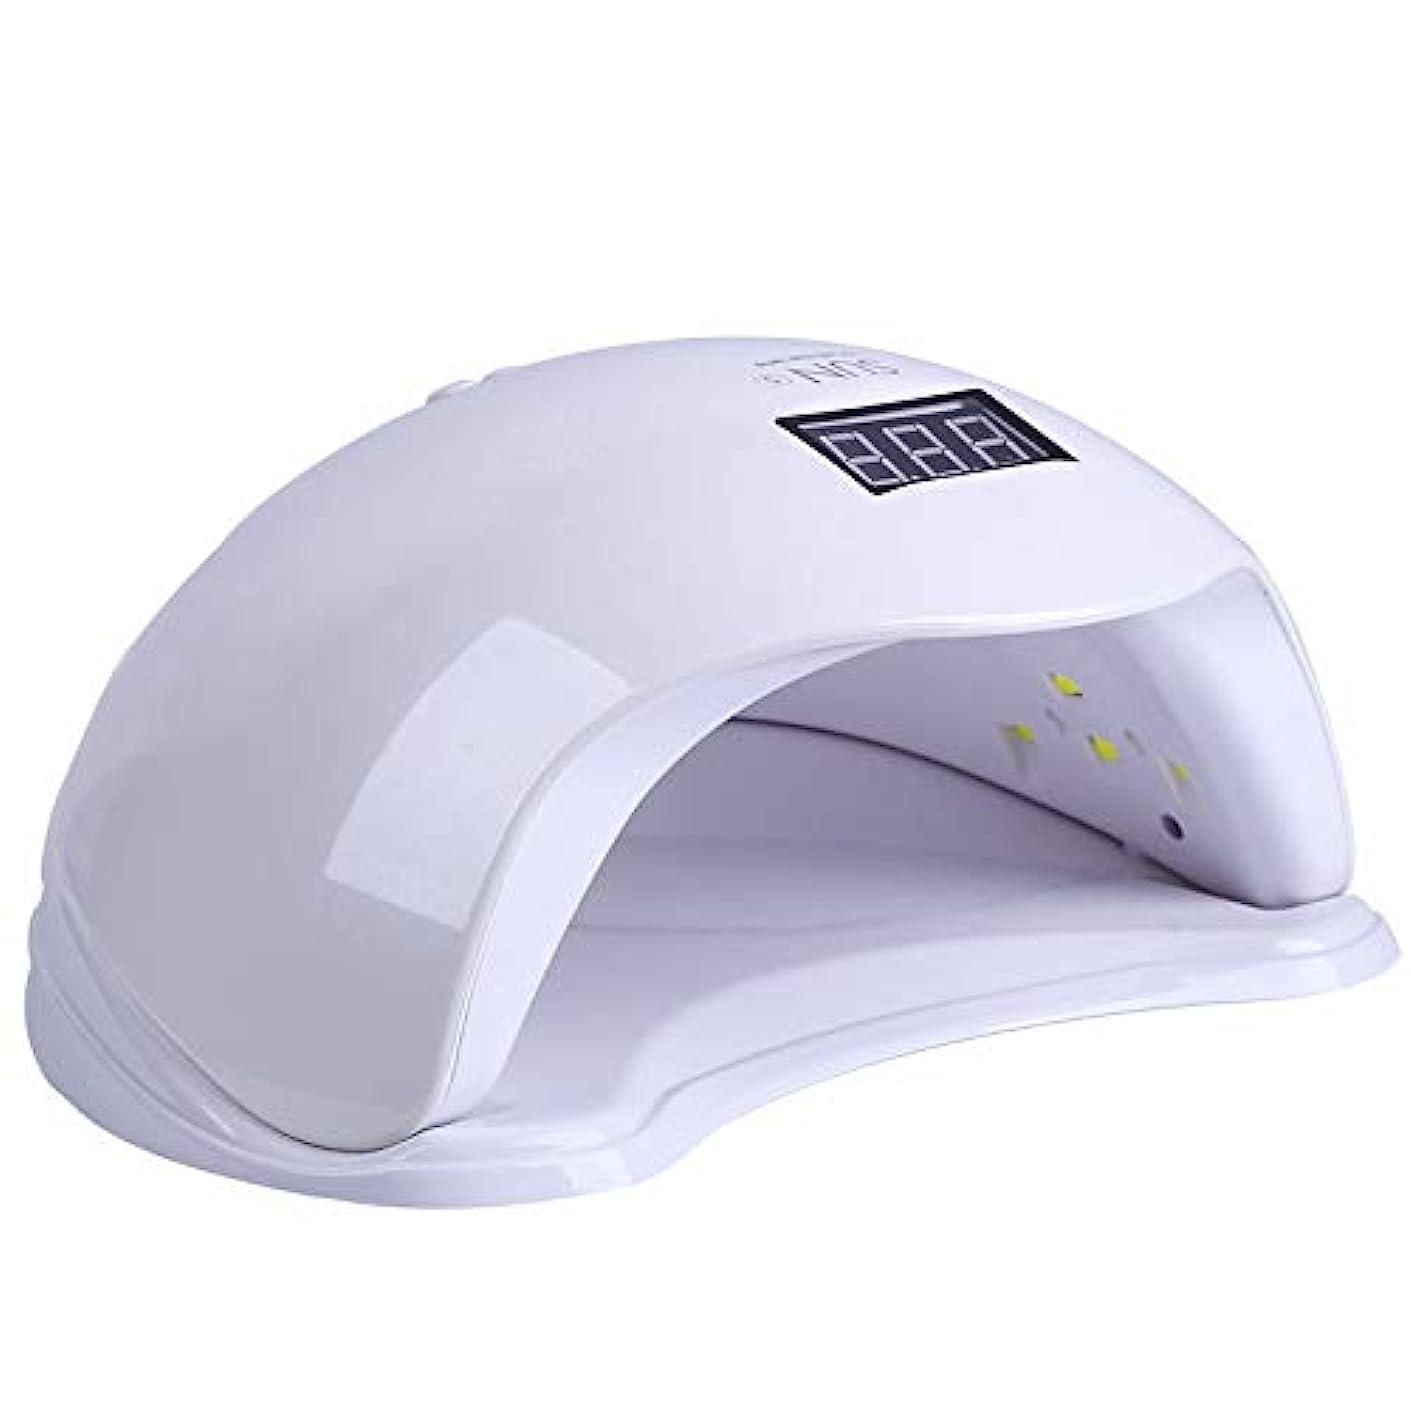 アンプピット摂氏紫外線ネイルライト、3種類のタイマー設定を備えた48W UVネイルドライヤー、およびジェルネイルと足の爪の硬化用センサー